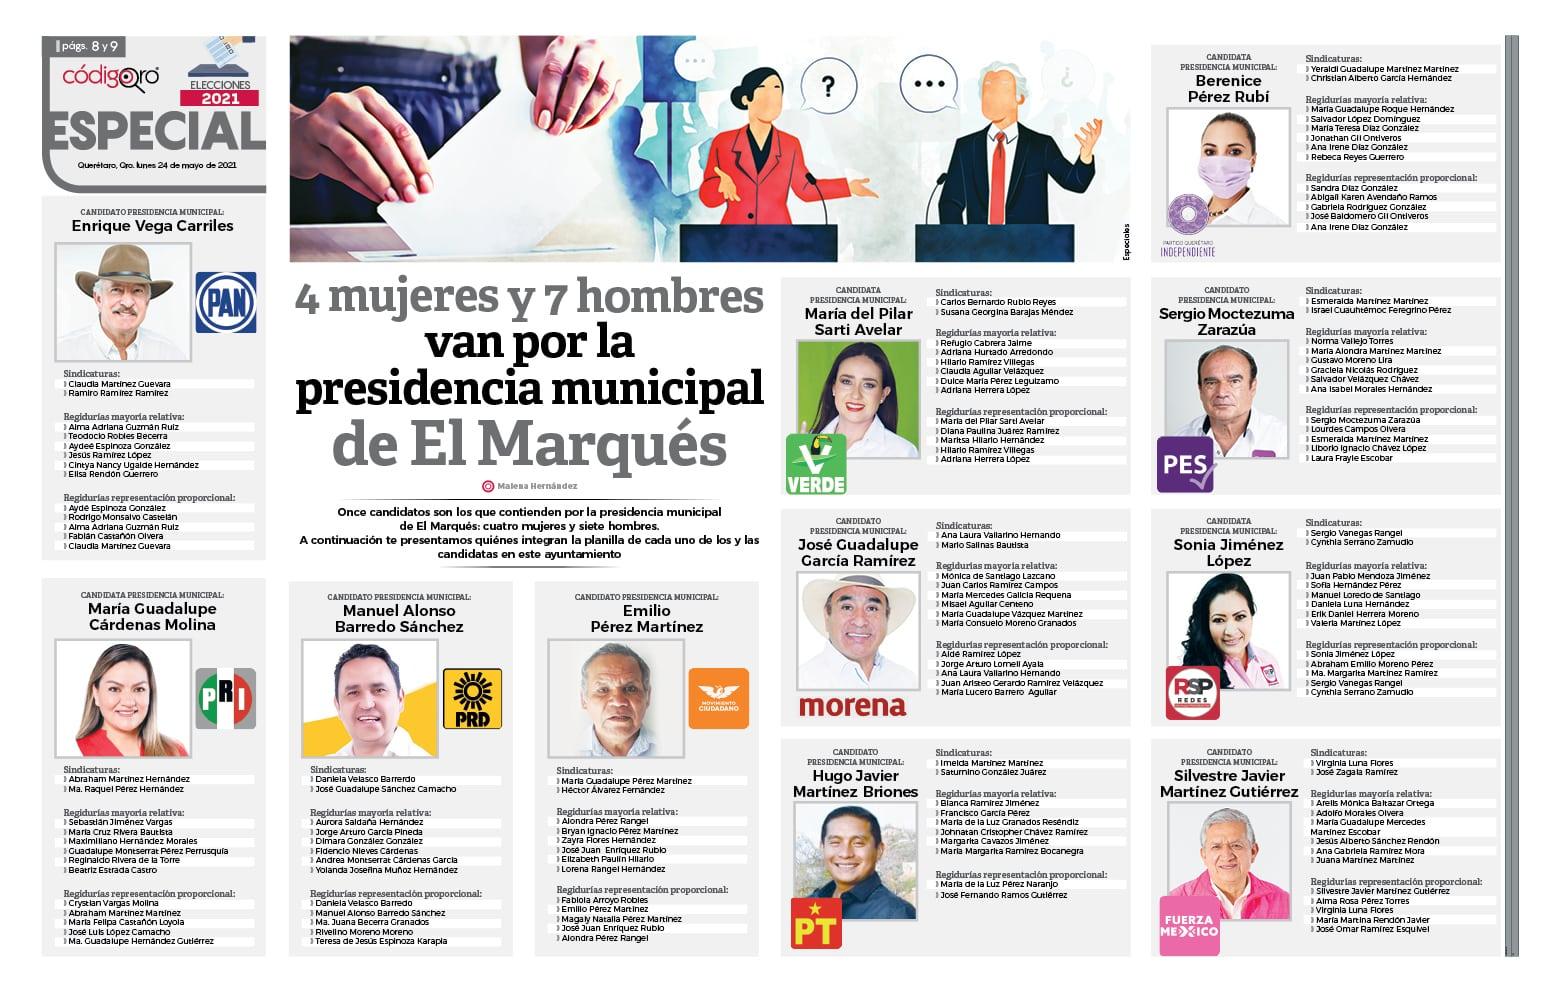 4 mujeres y 7 hombres van por la presidencia municipal de El Marqués